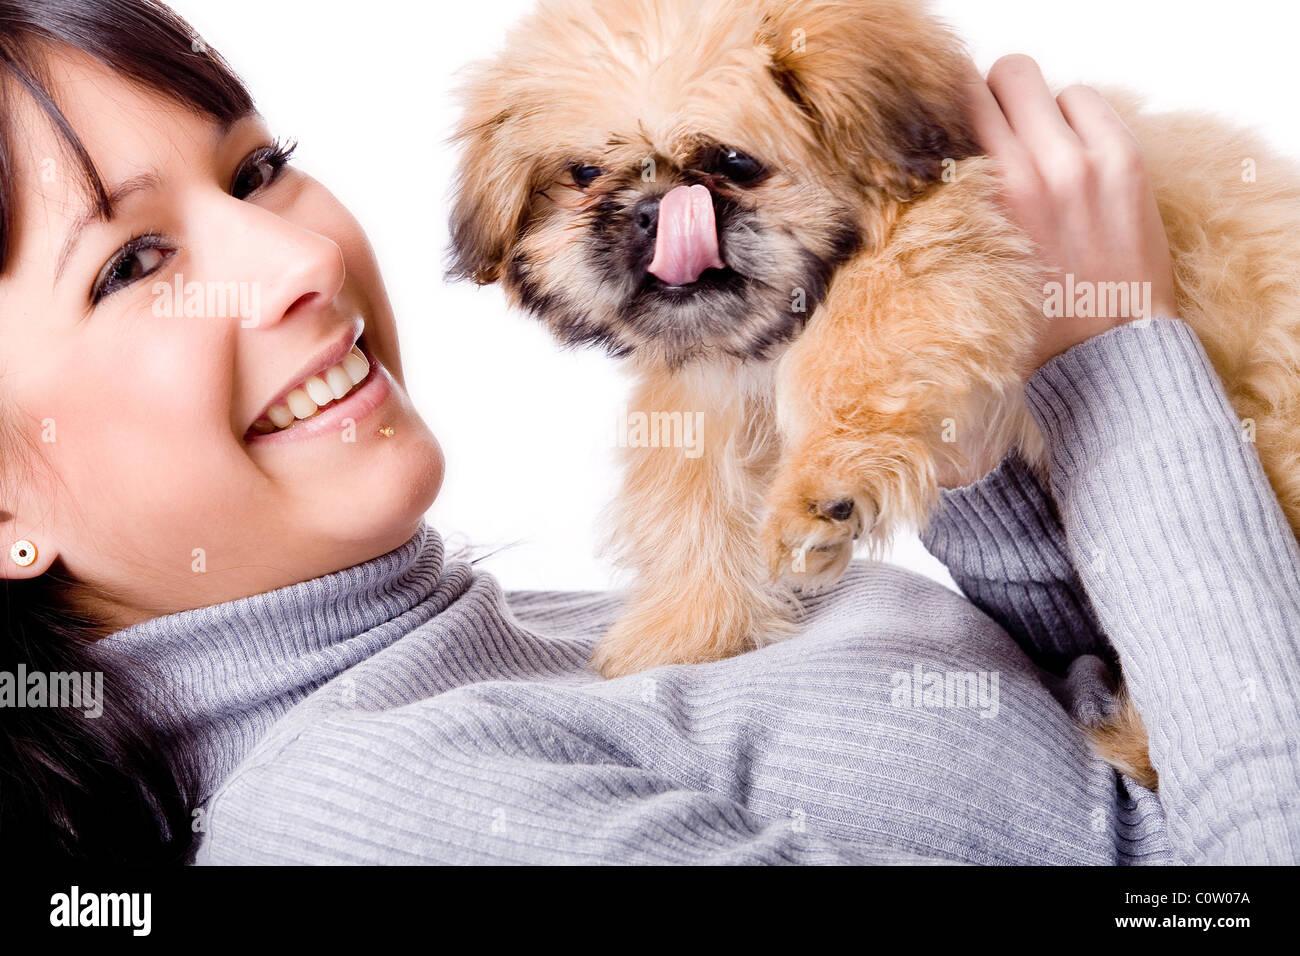 hairy dog stock photos & hairy dog stock images - alamy